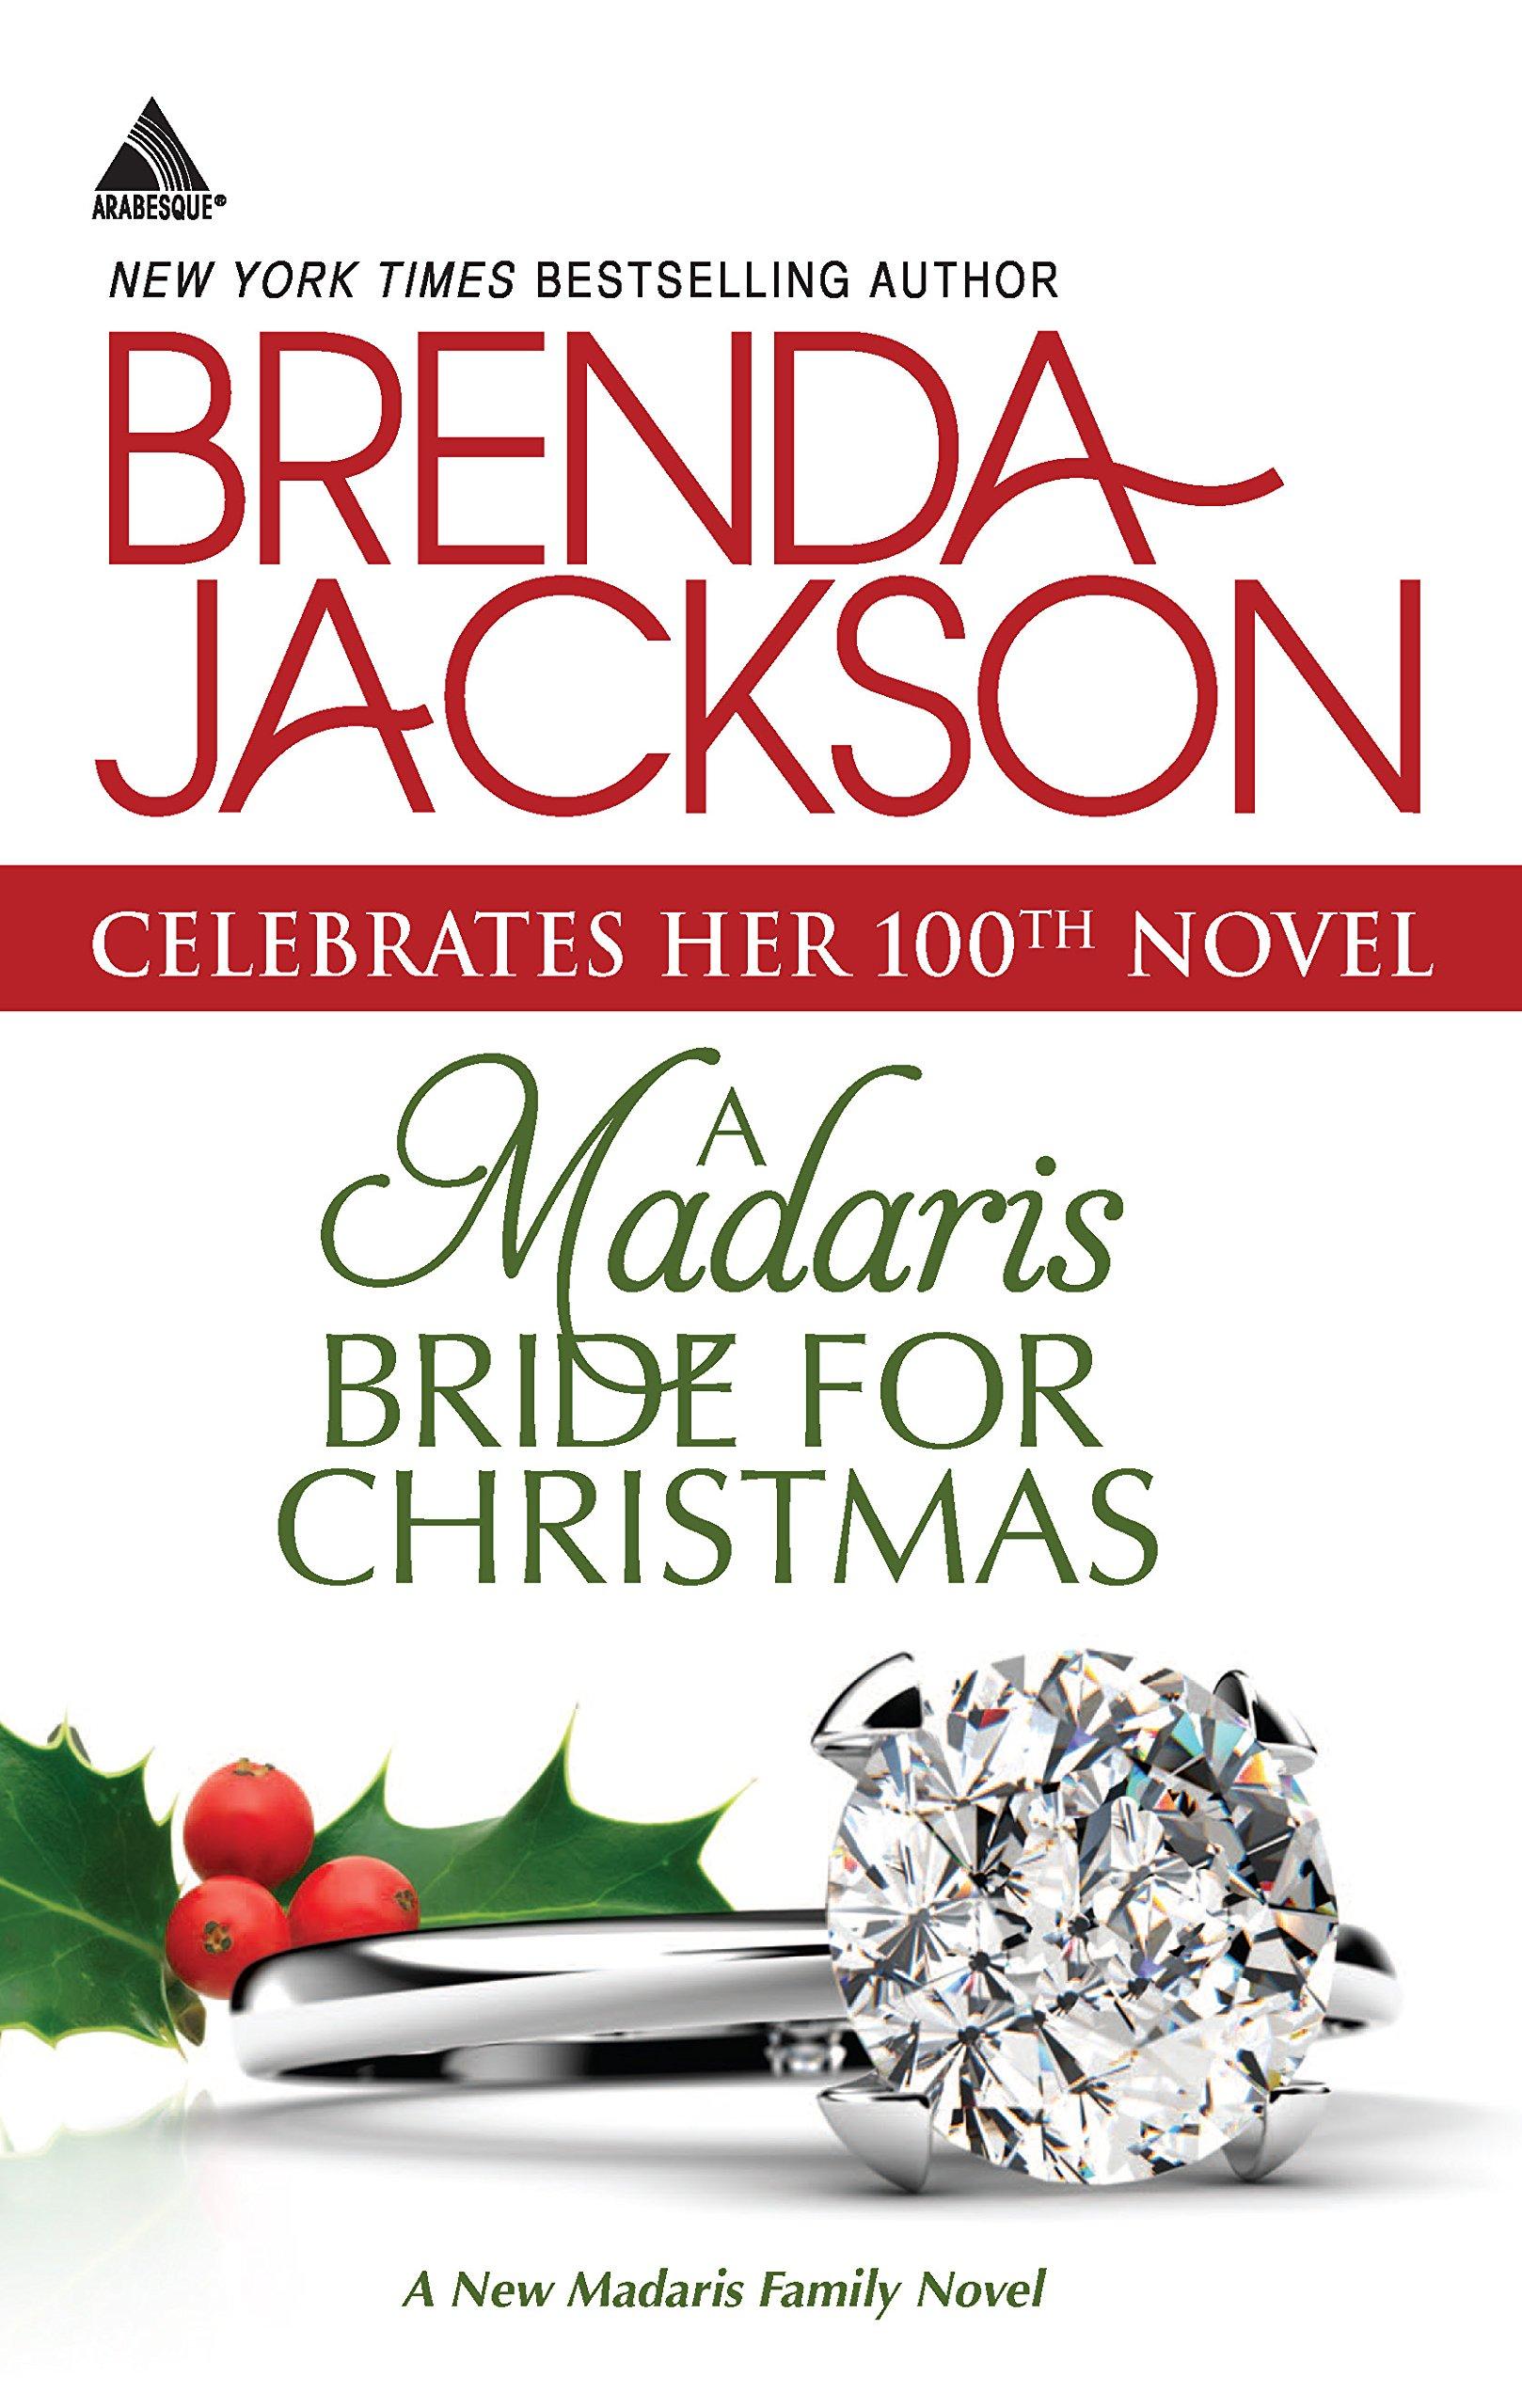 Amazon.com: A Madaris Bride for Christmas (Madaris Family Saga)  (9780373091430): Brenda Jackson: Books